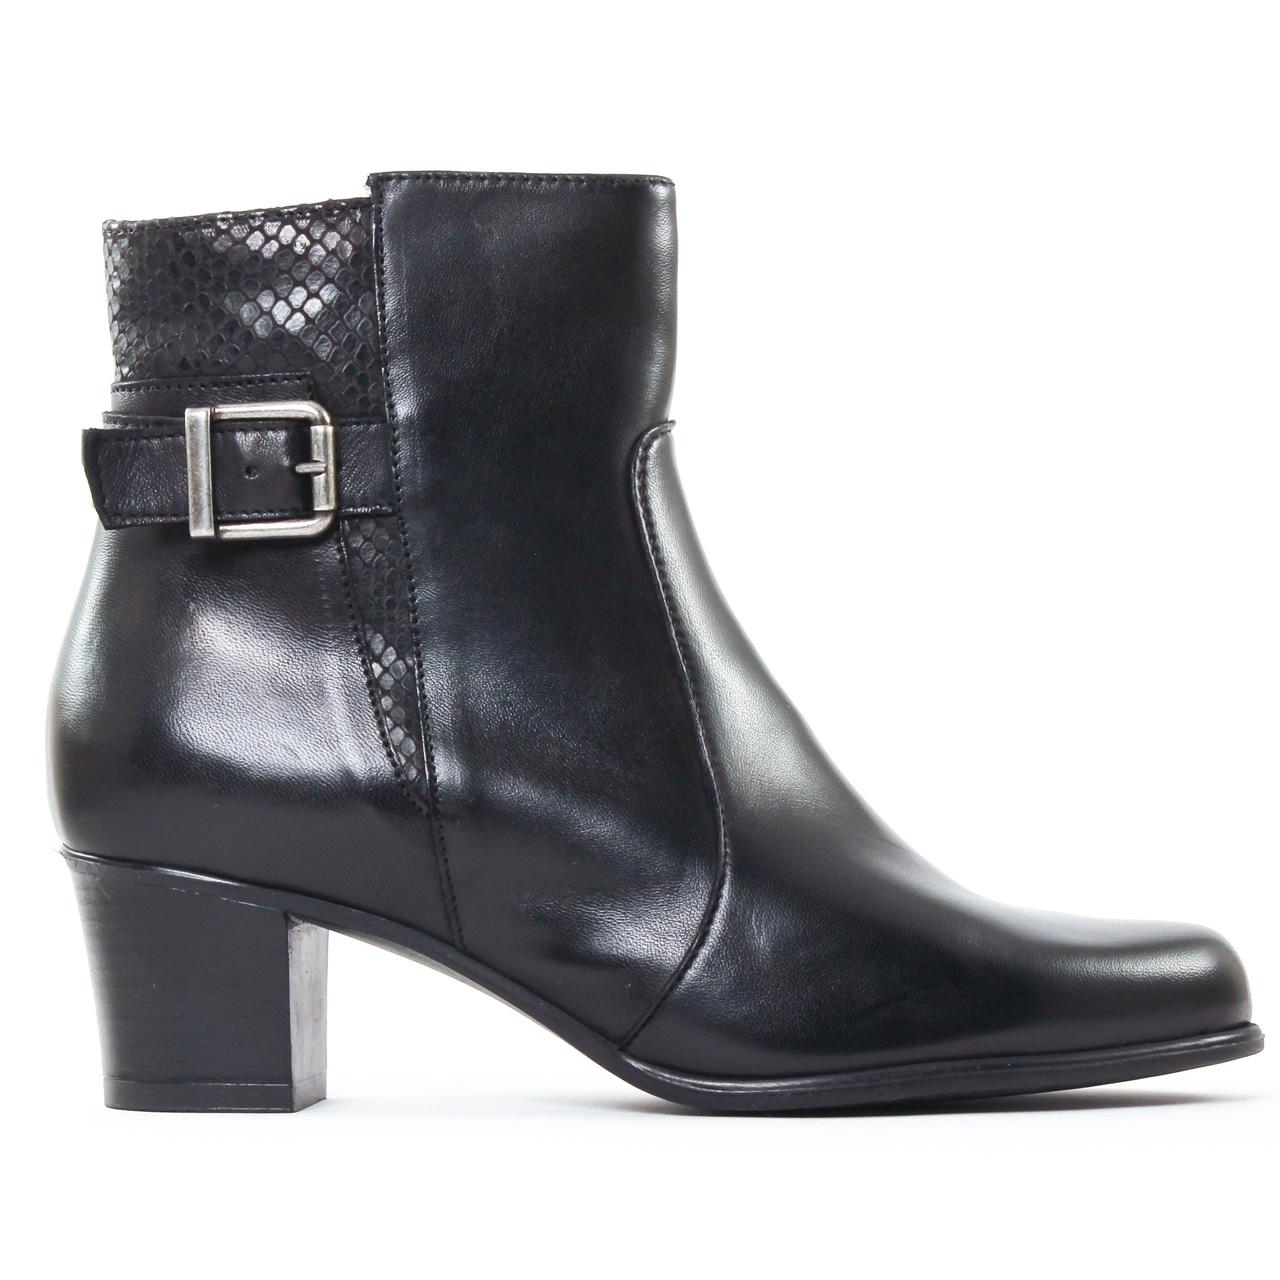 tamaris 25396 black boot talon noir automne hiver chez trois par 3. Black Bedroom Furniture Sets. Home Design Ideas